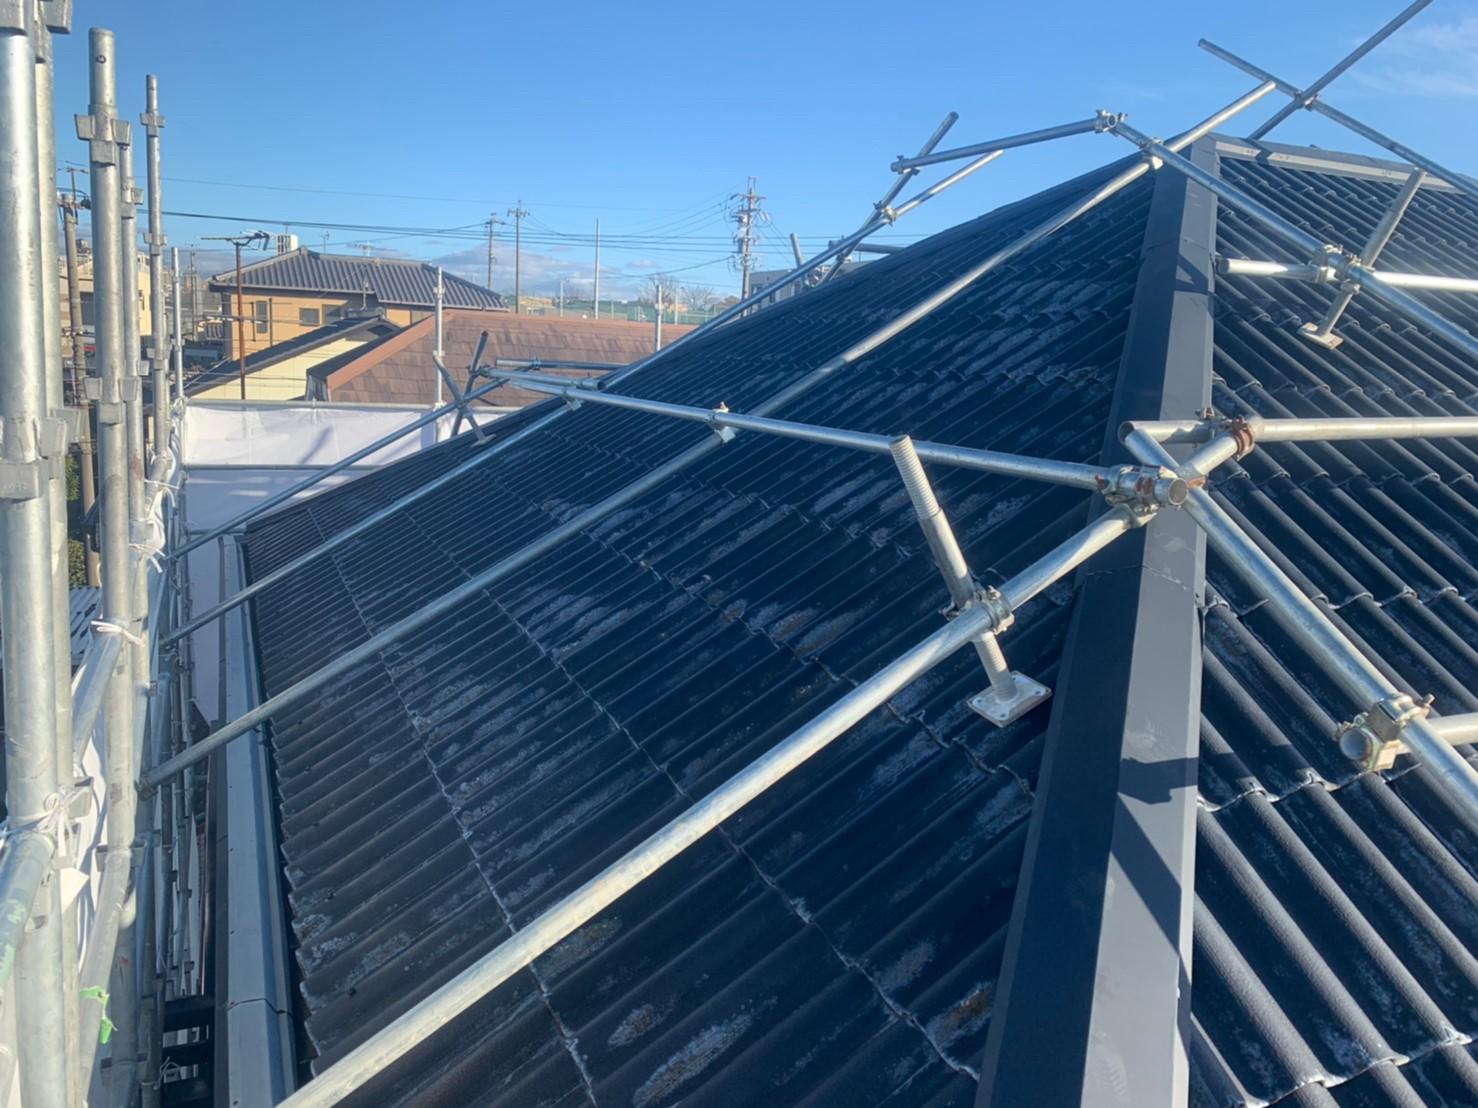 名古屋匠塗装では安全に配慮して、必要に応じて屋根足場を組んで作業を行います。